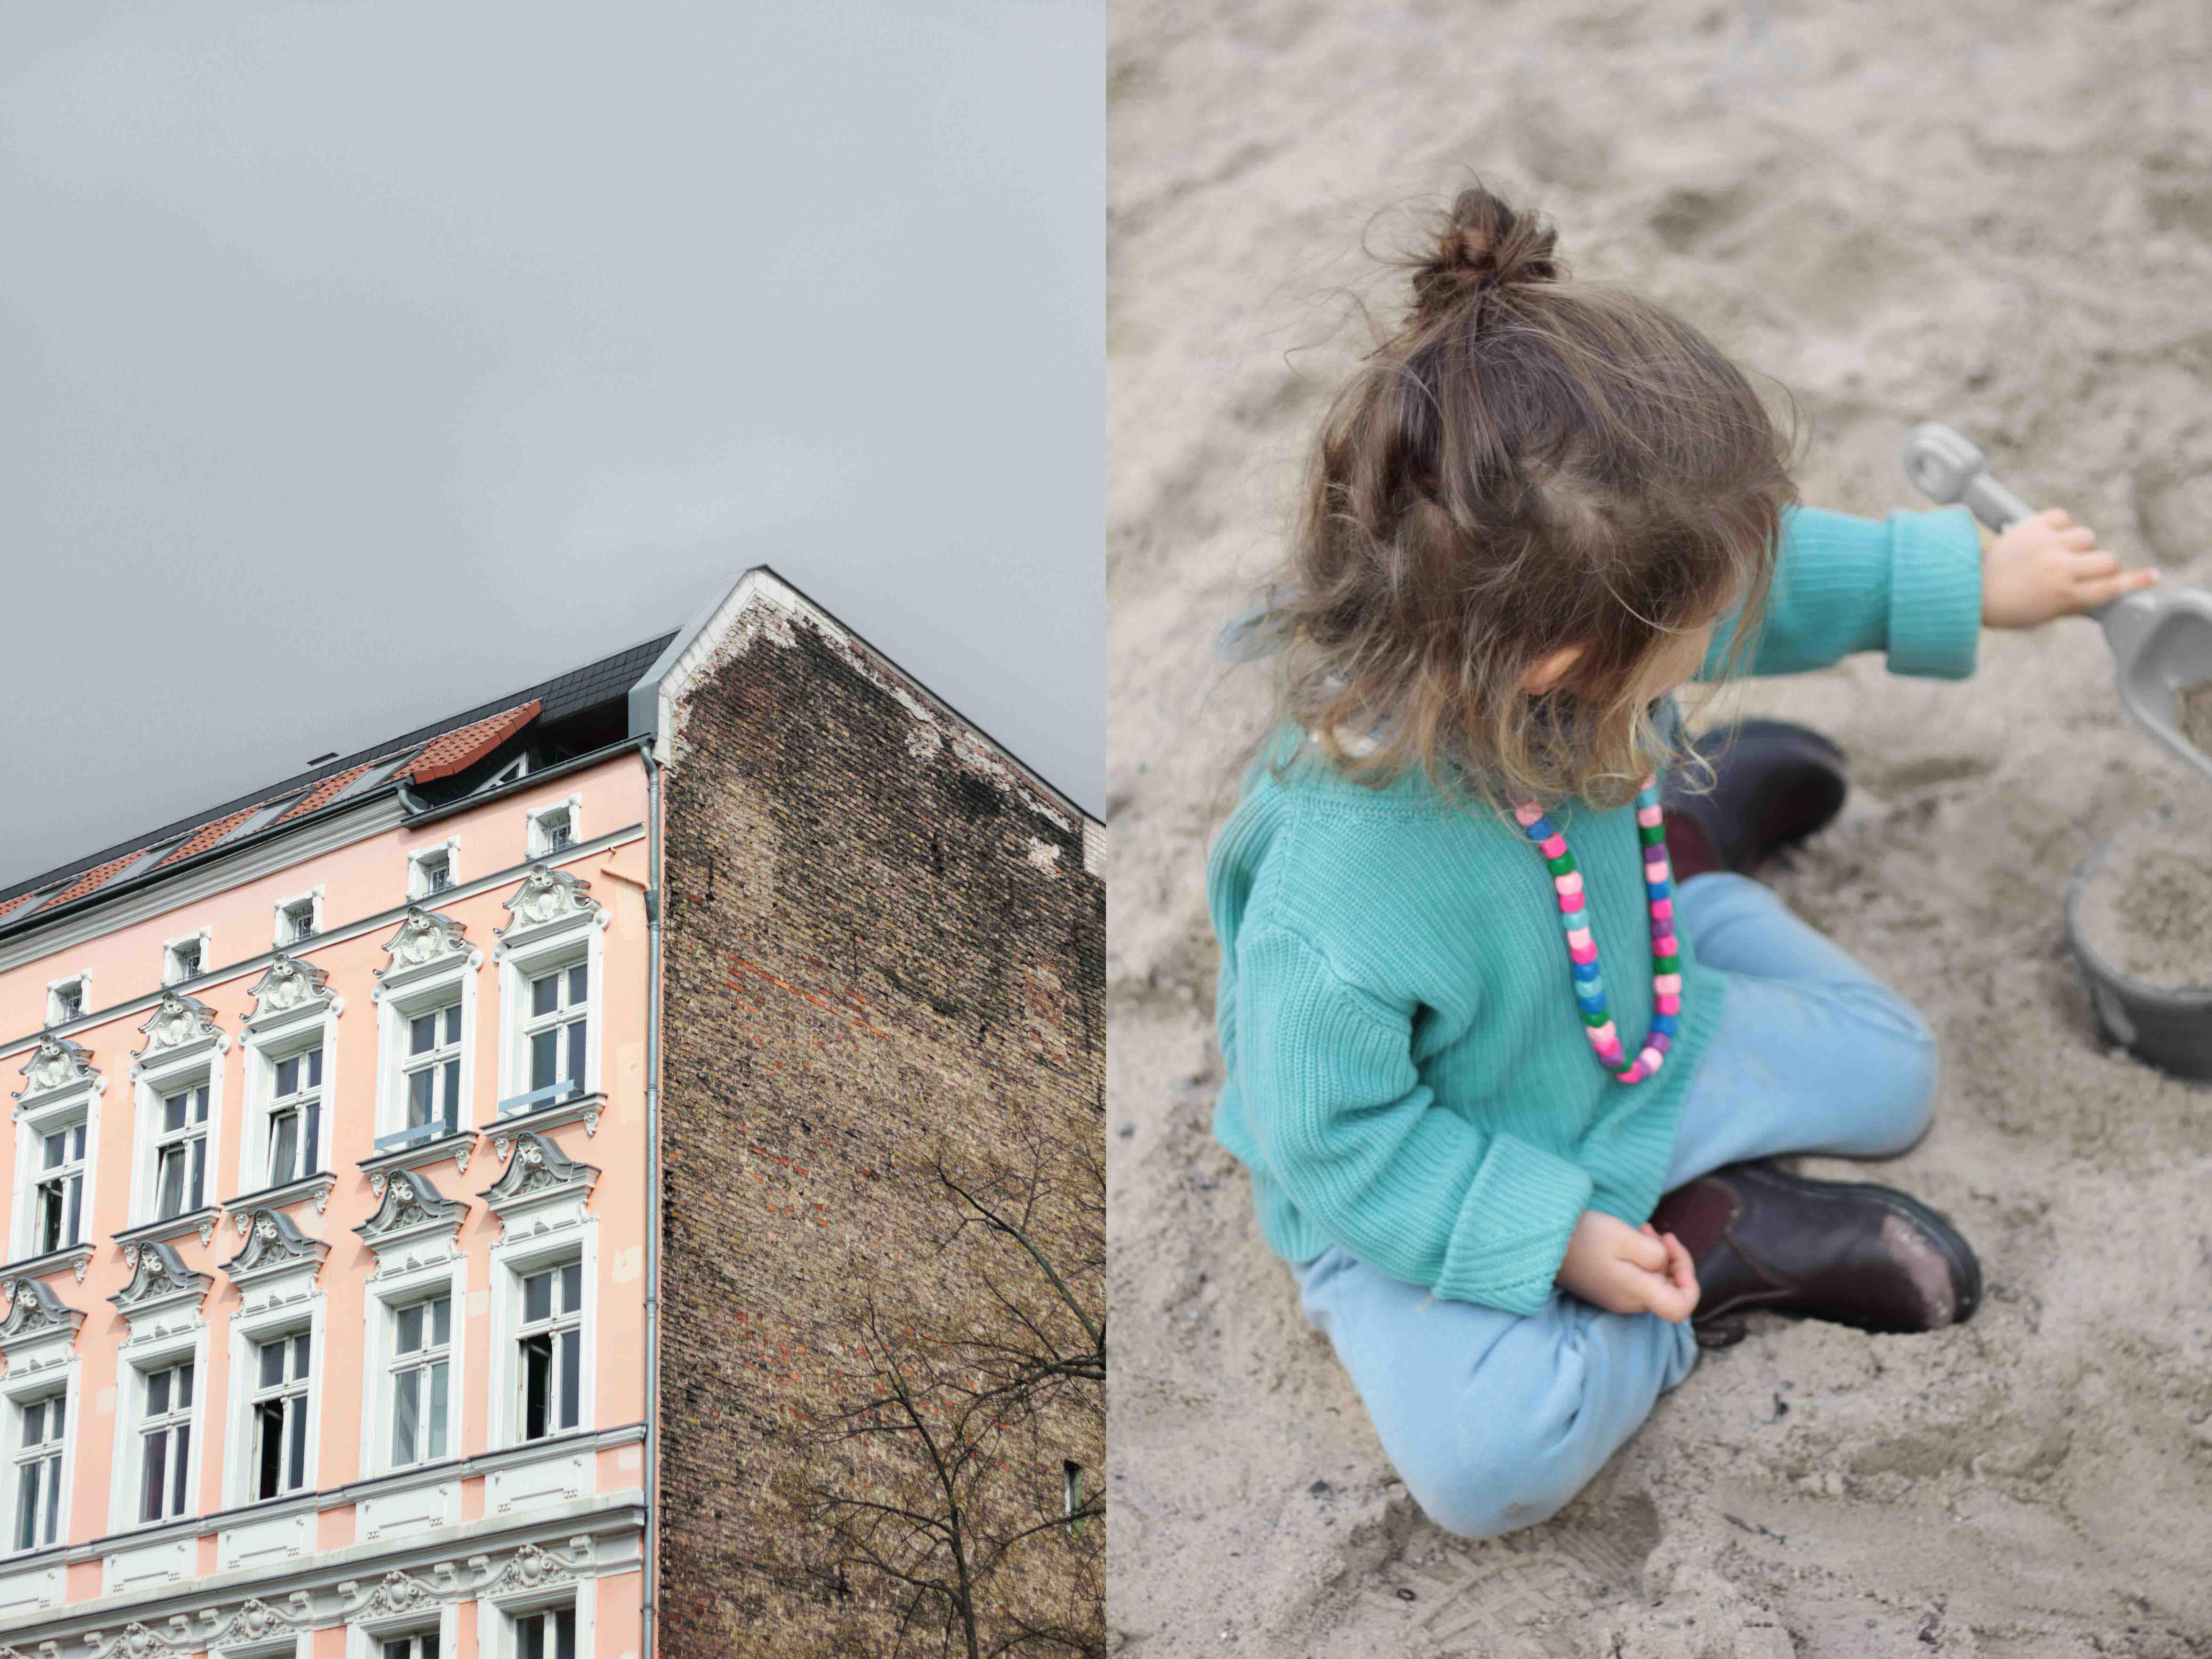 prenzlauerberg berlin collage